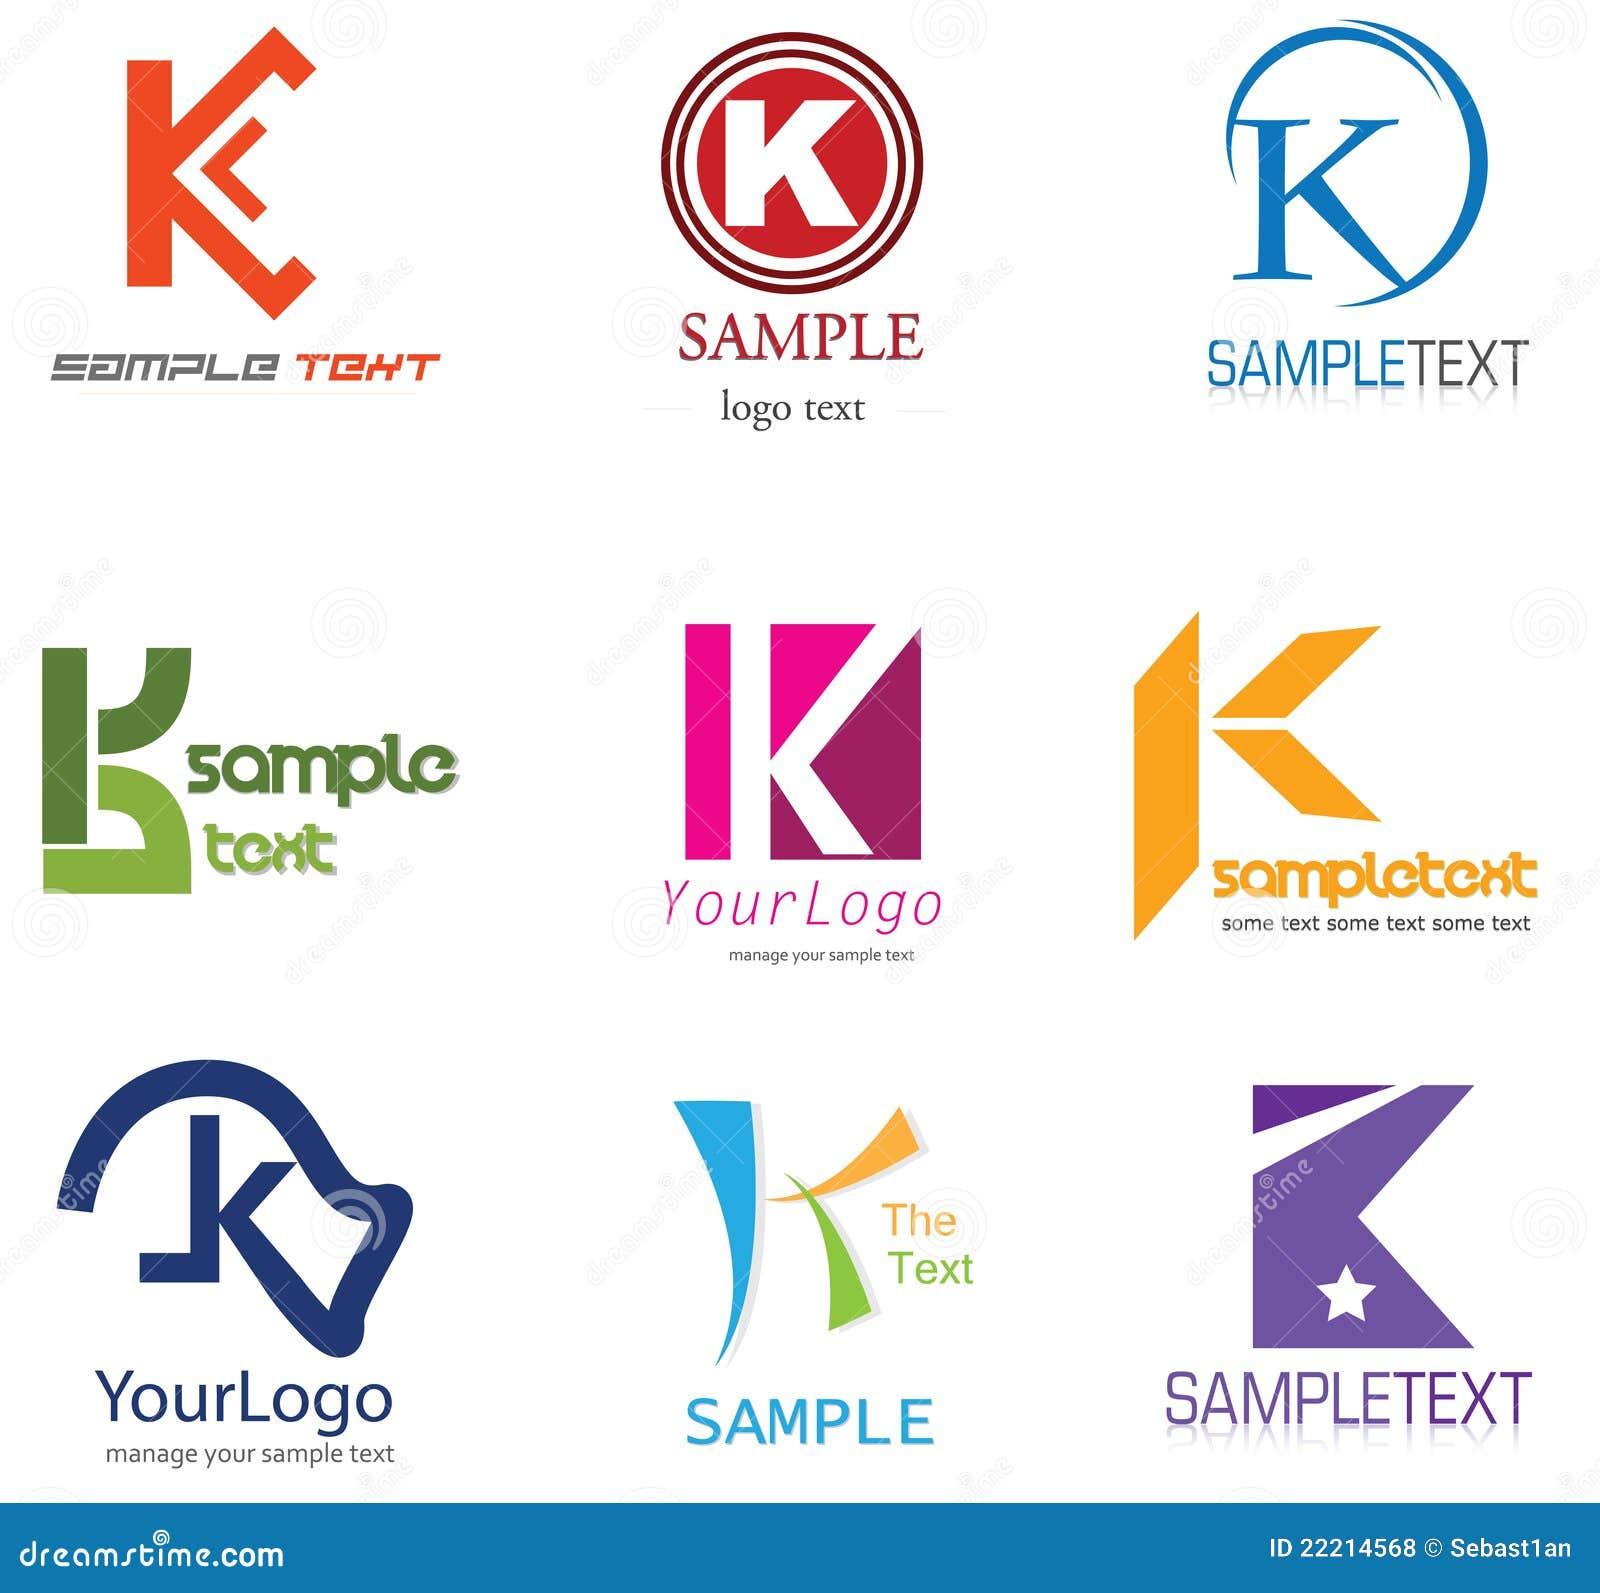 Letter K Logo  K Logo Images